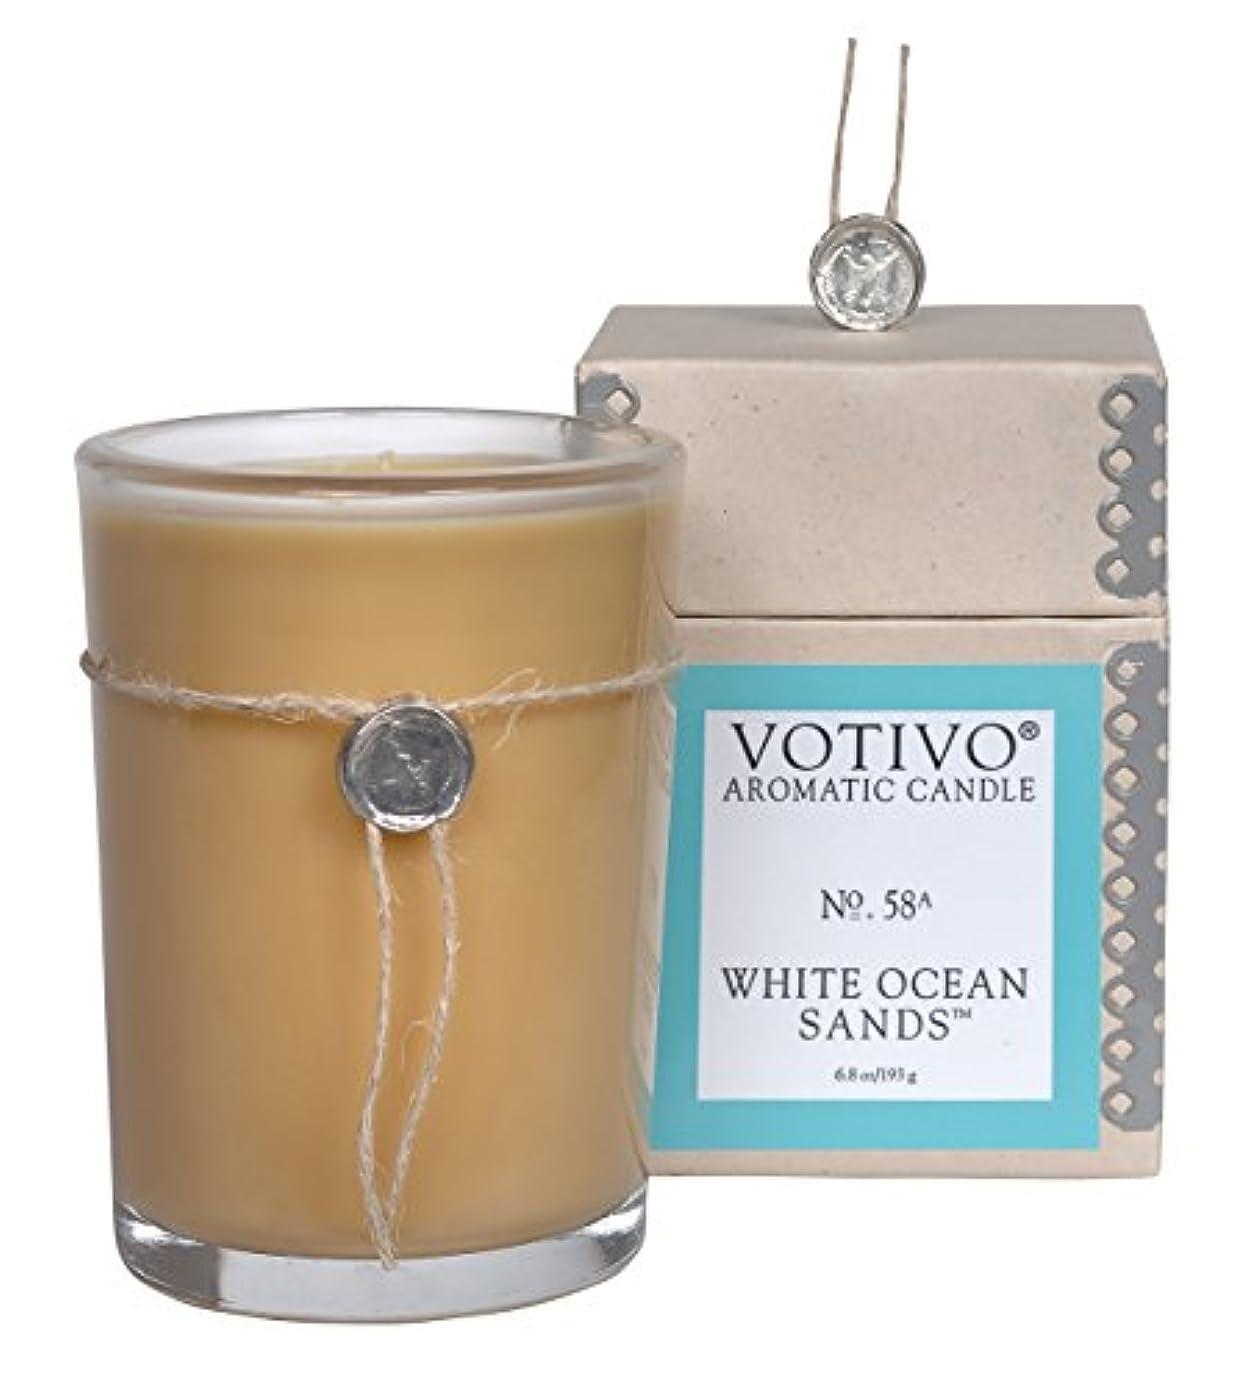 新年間違えた衣装VOTIVO アロマティック グラスキャンドル ホワイトオーシャンサ